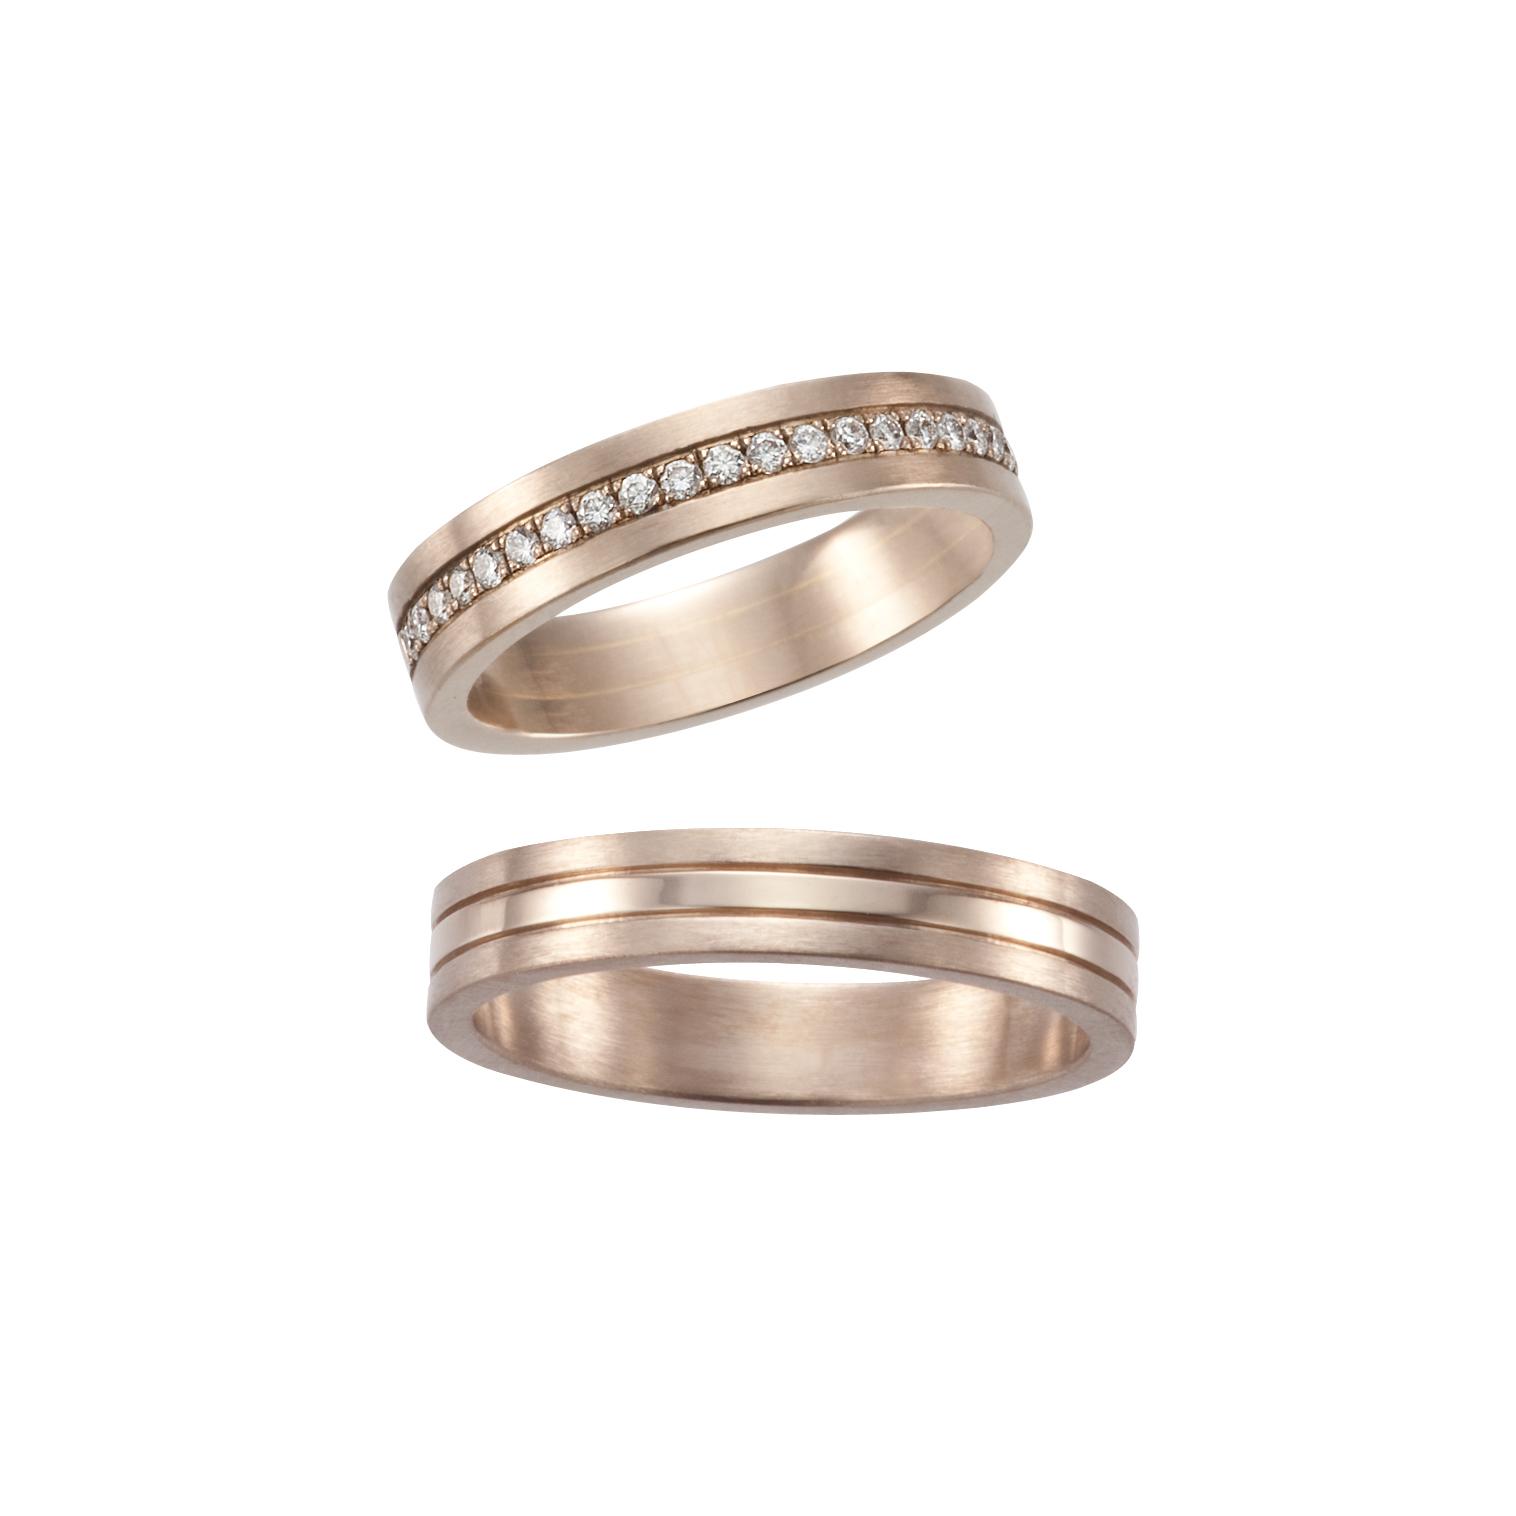 フェミニン,ゴージャス 結婚指輪のナチュラルピンクホワイトコンビネーションズリング